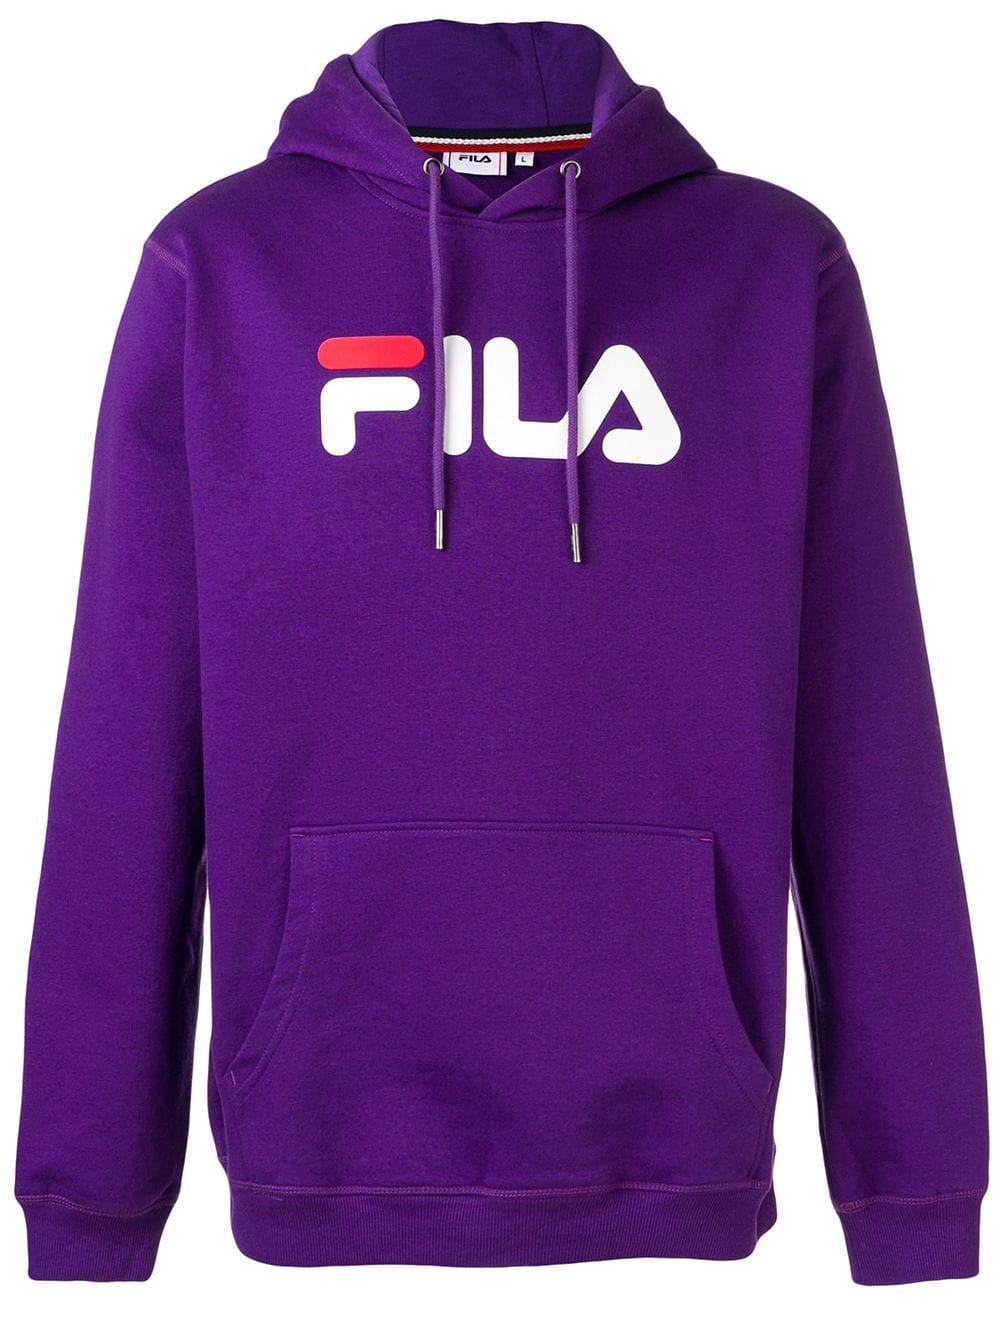 exclusieve schoenen verkoop baby Fila Branded Hoodie   Products in 2019   Hoodies, Sweater ...